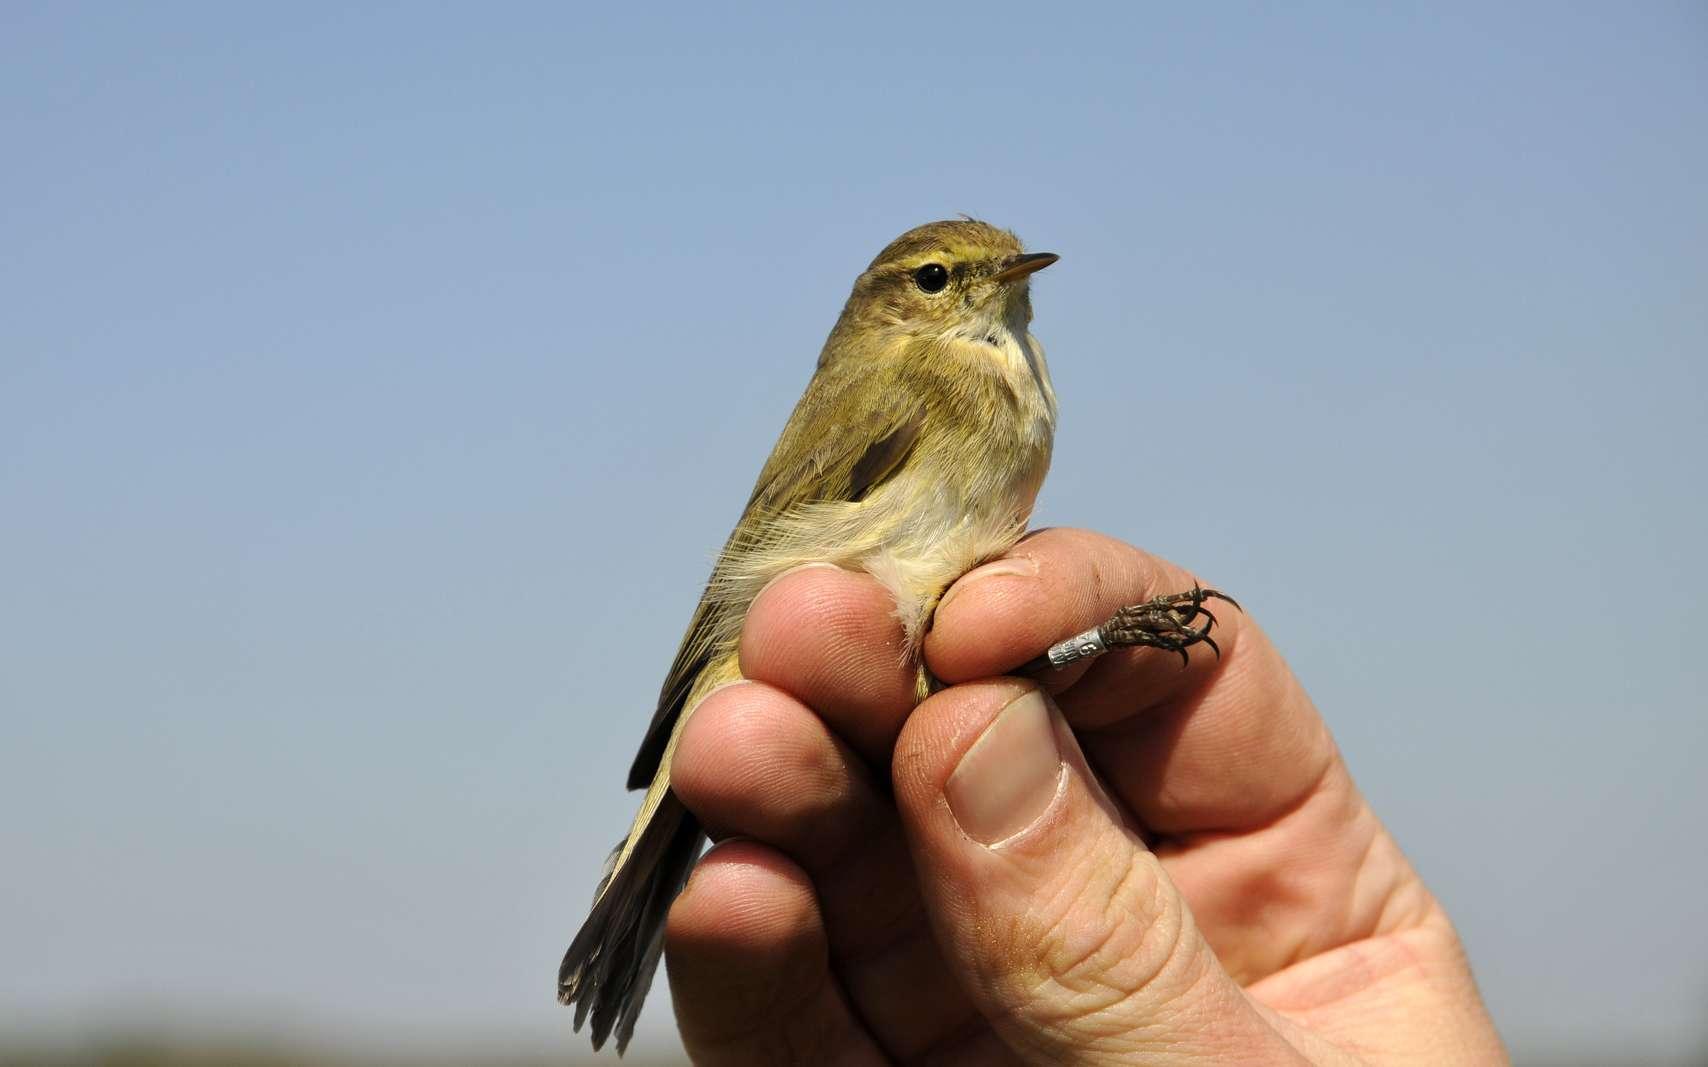 Afin de compter et faire un état des lieux de la population d'une espèce, l'ornithologue pose des bagues sur les oiseaux pour les marquer. © dieter76, Fotolia.